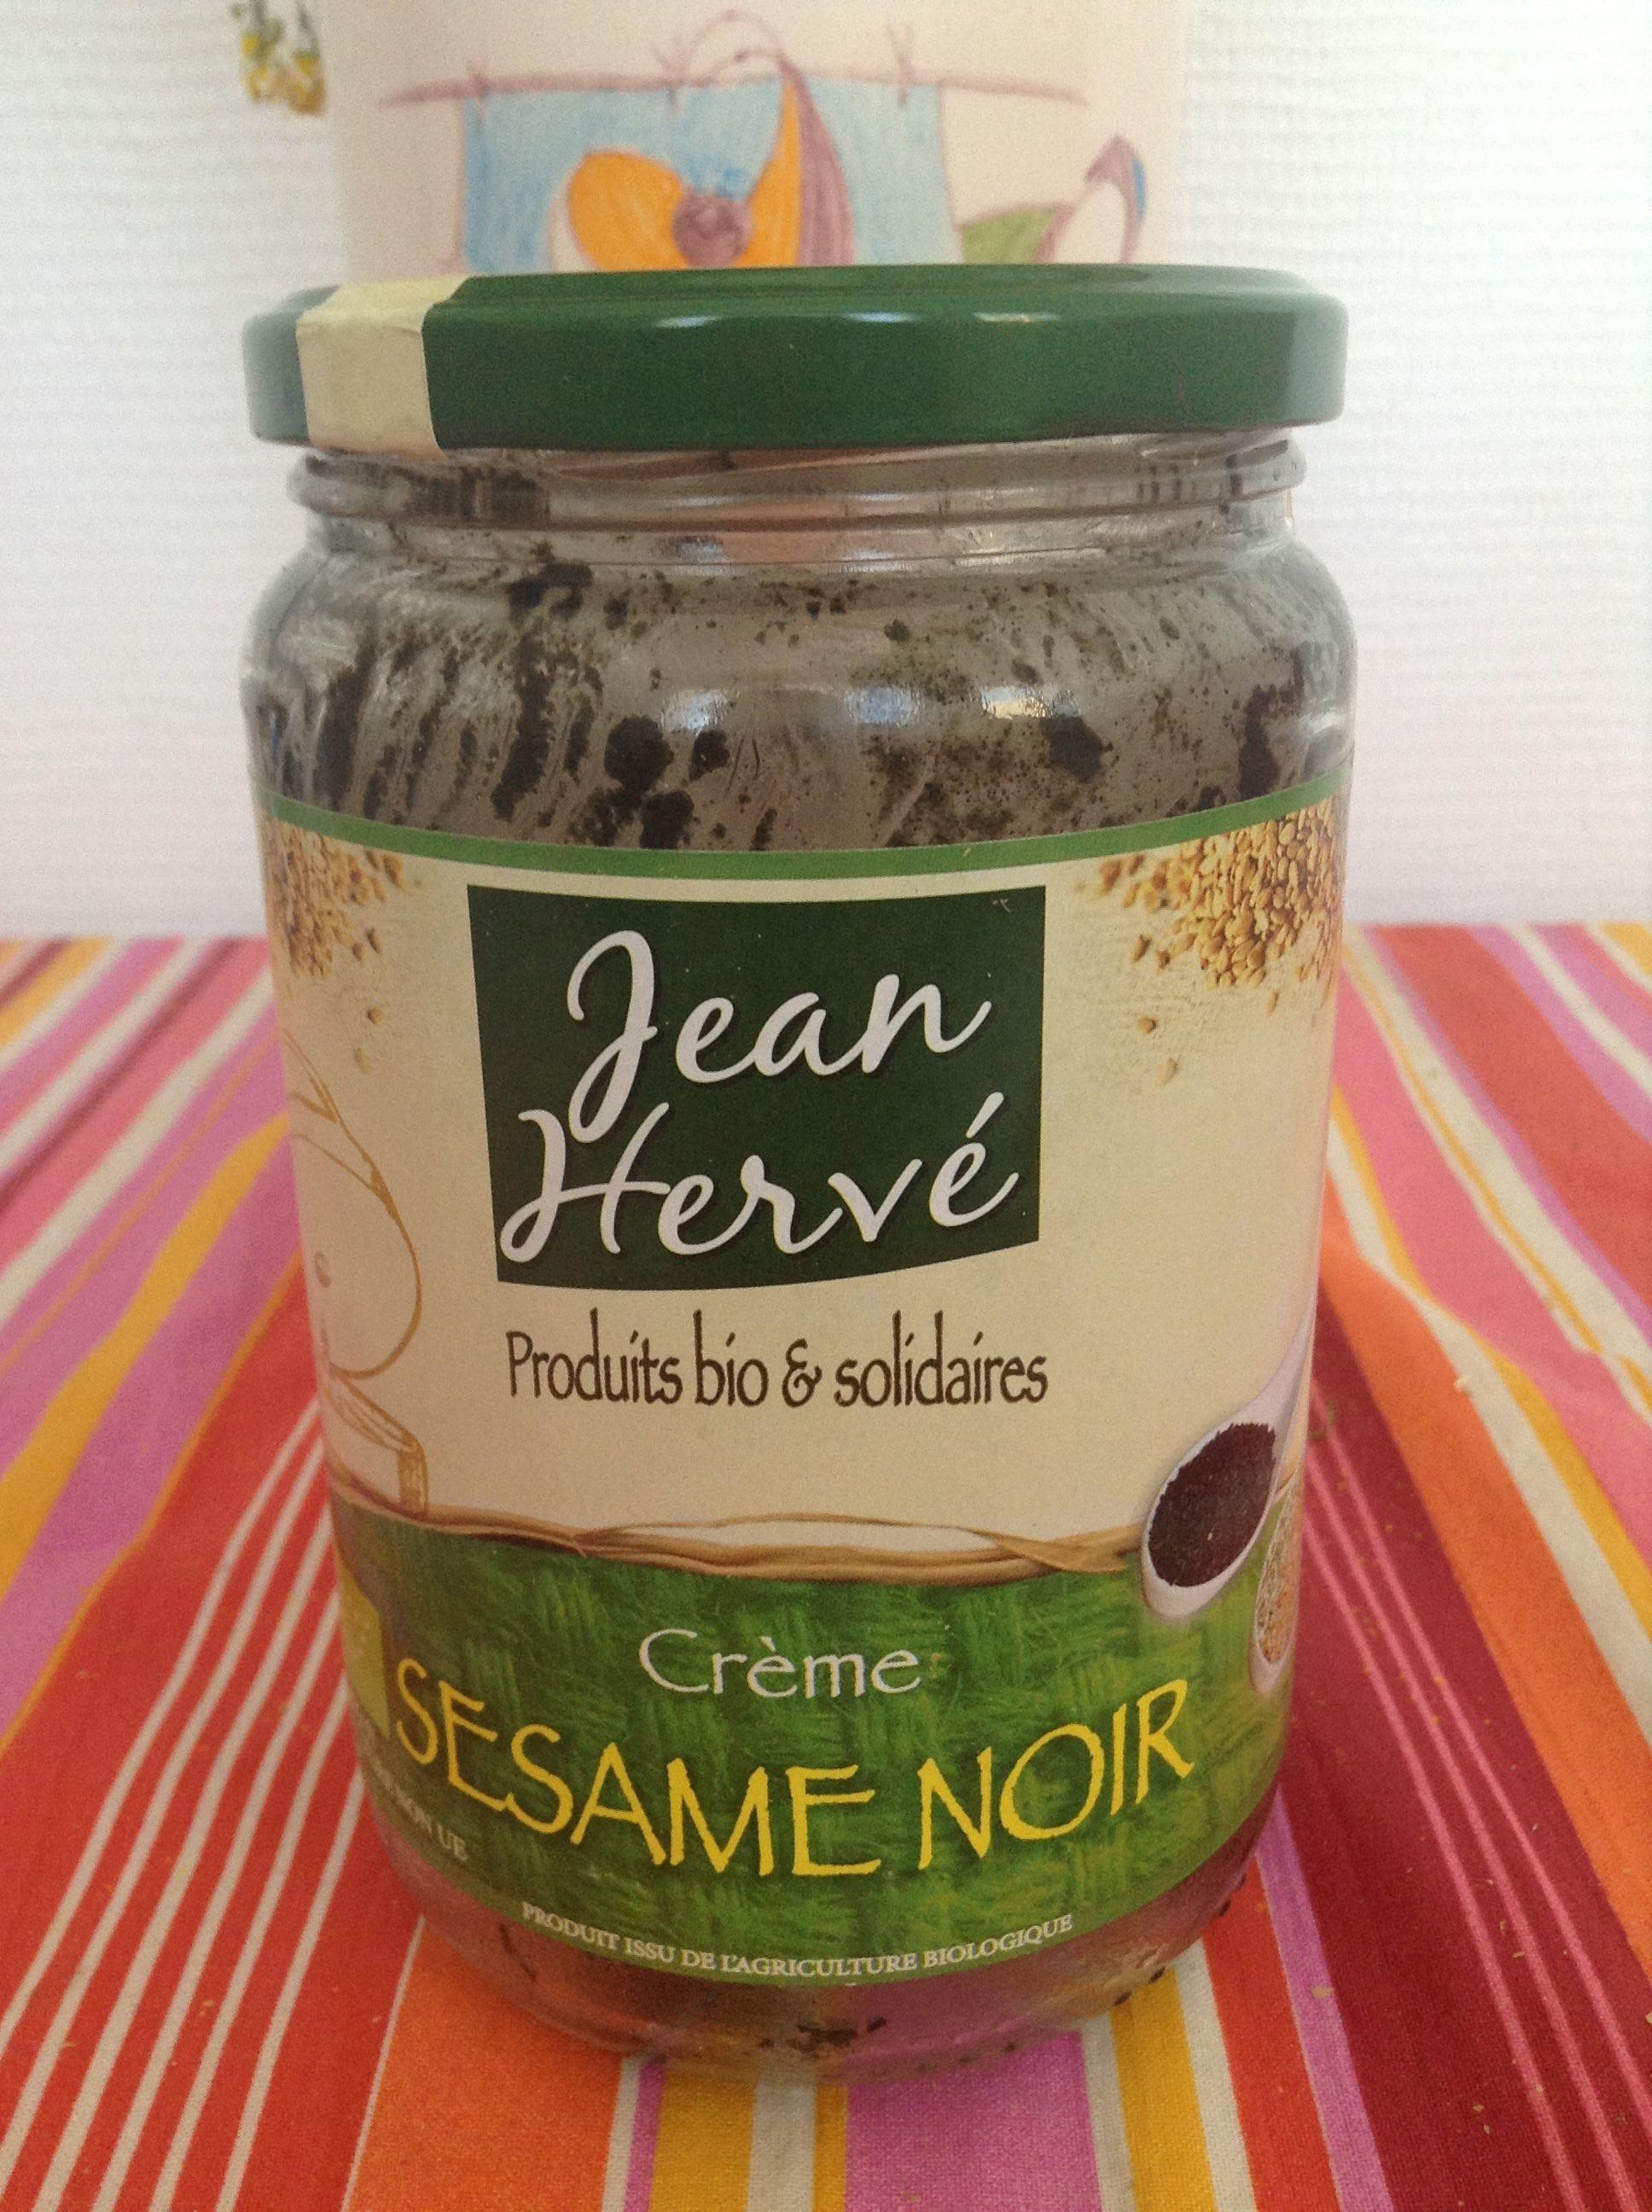 Crème sésame noir - Product